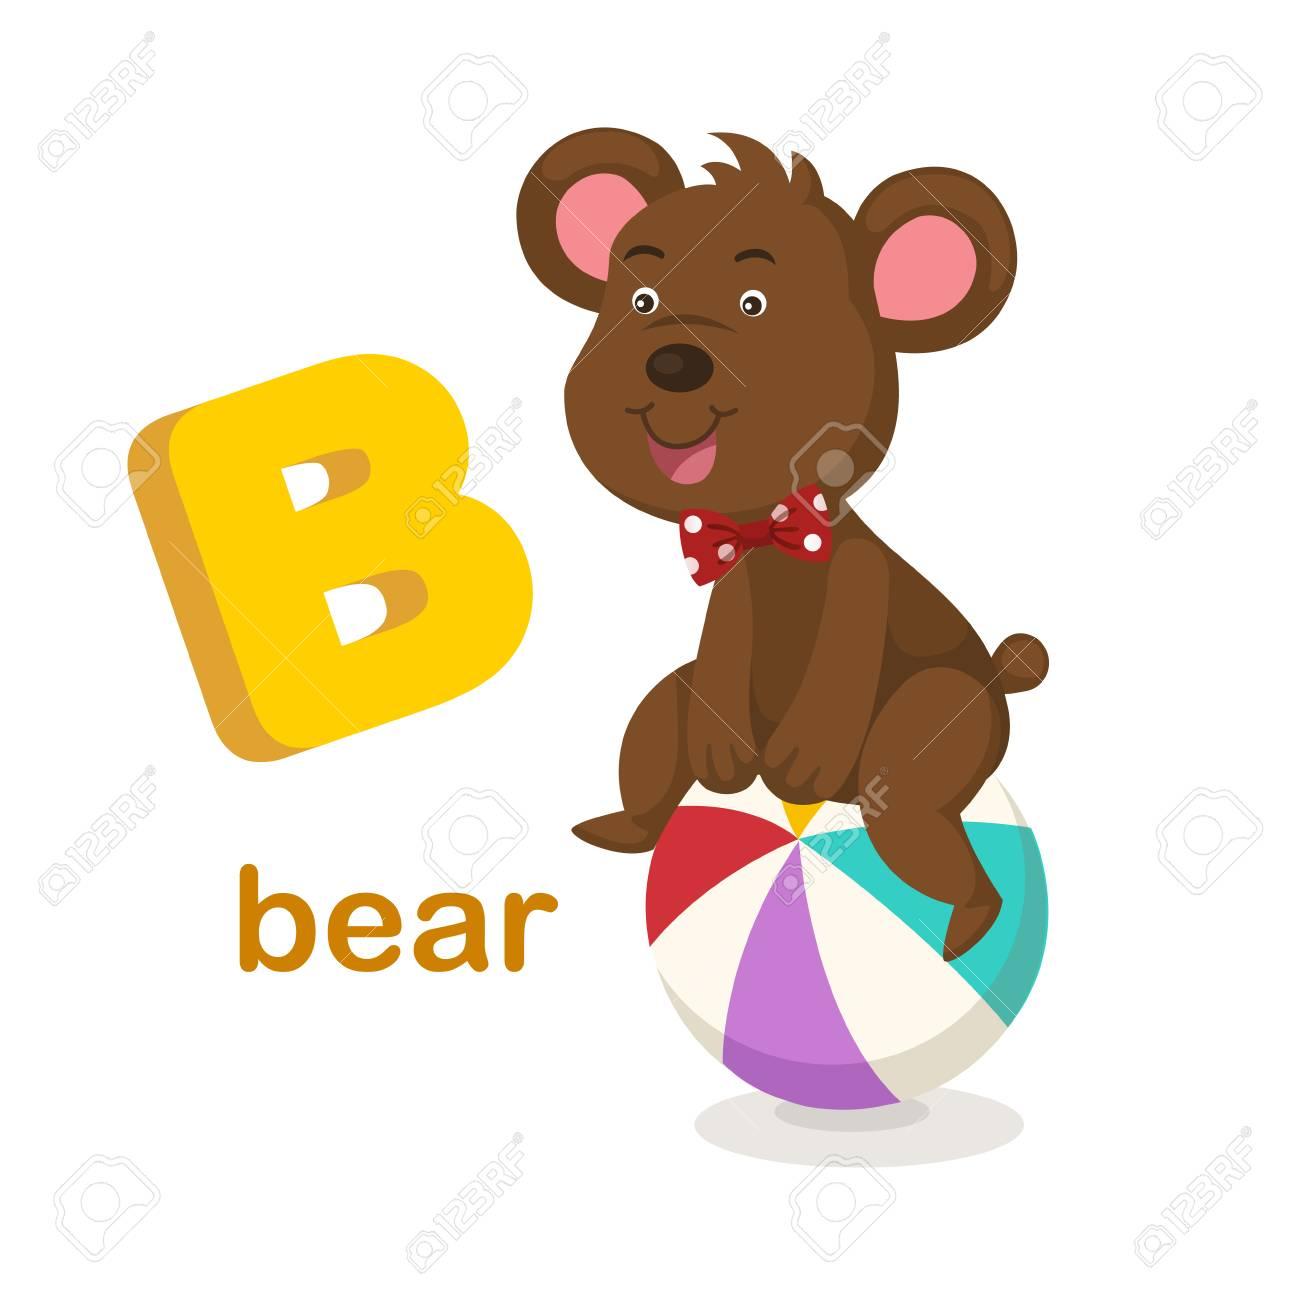 Ilustración Aislada Alfabeto Letra B Bear.vector Ilustraciones ...